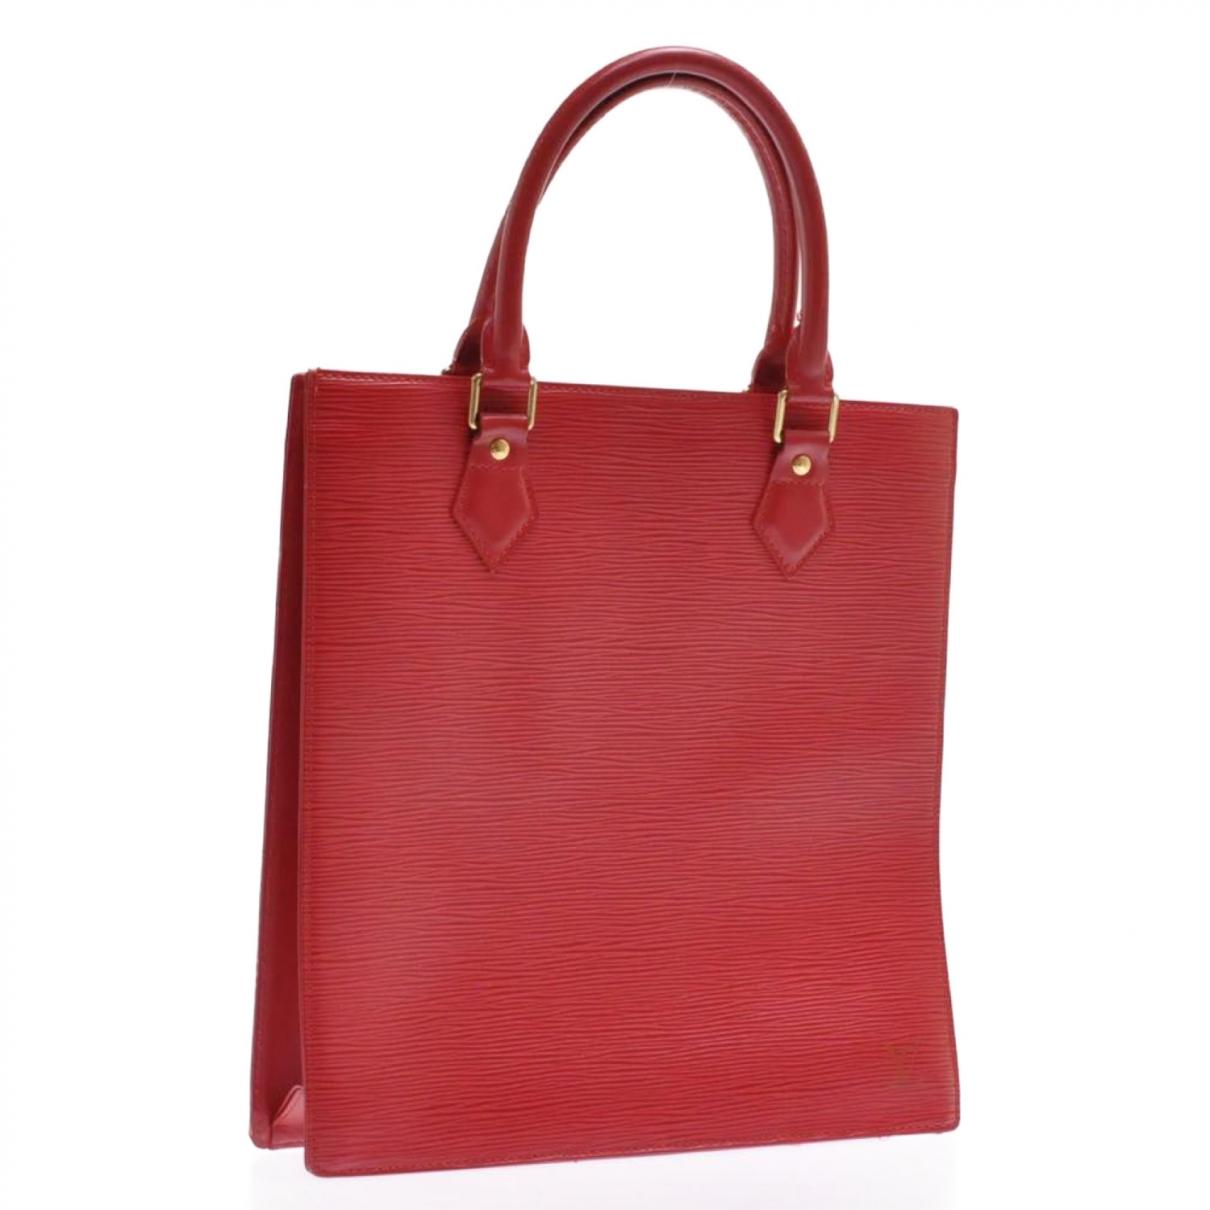 Louis Vuitton - Sac a main Plat pour femme en cuir - rouge